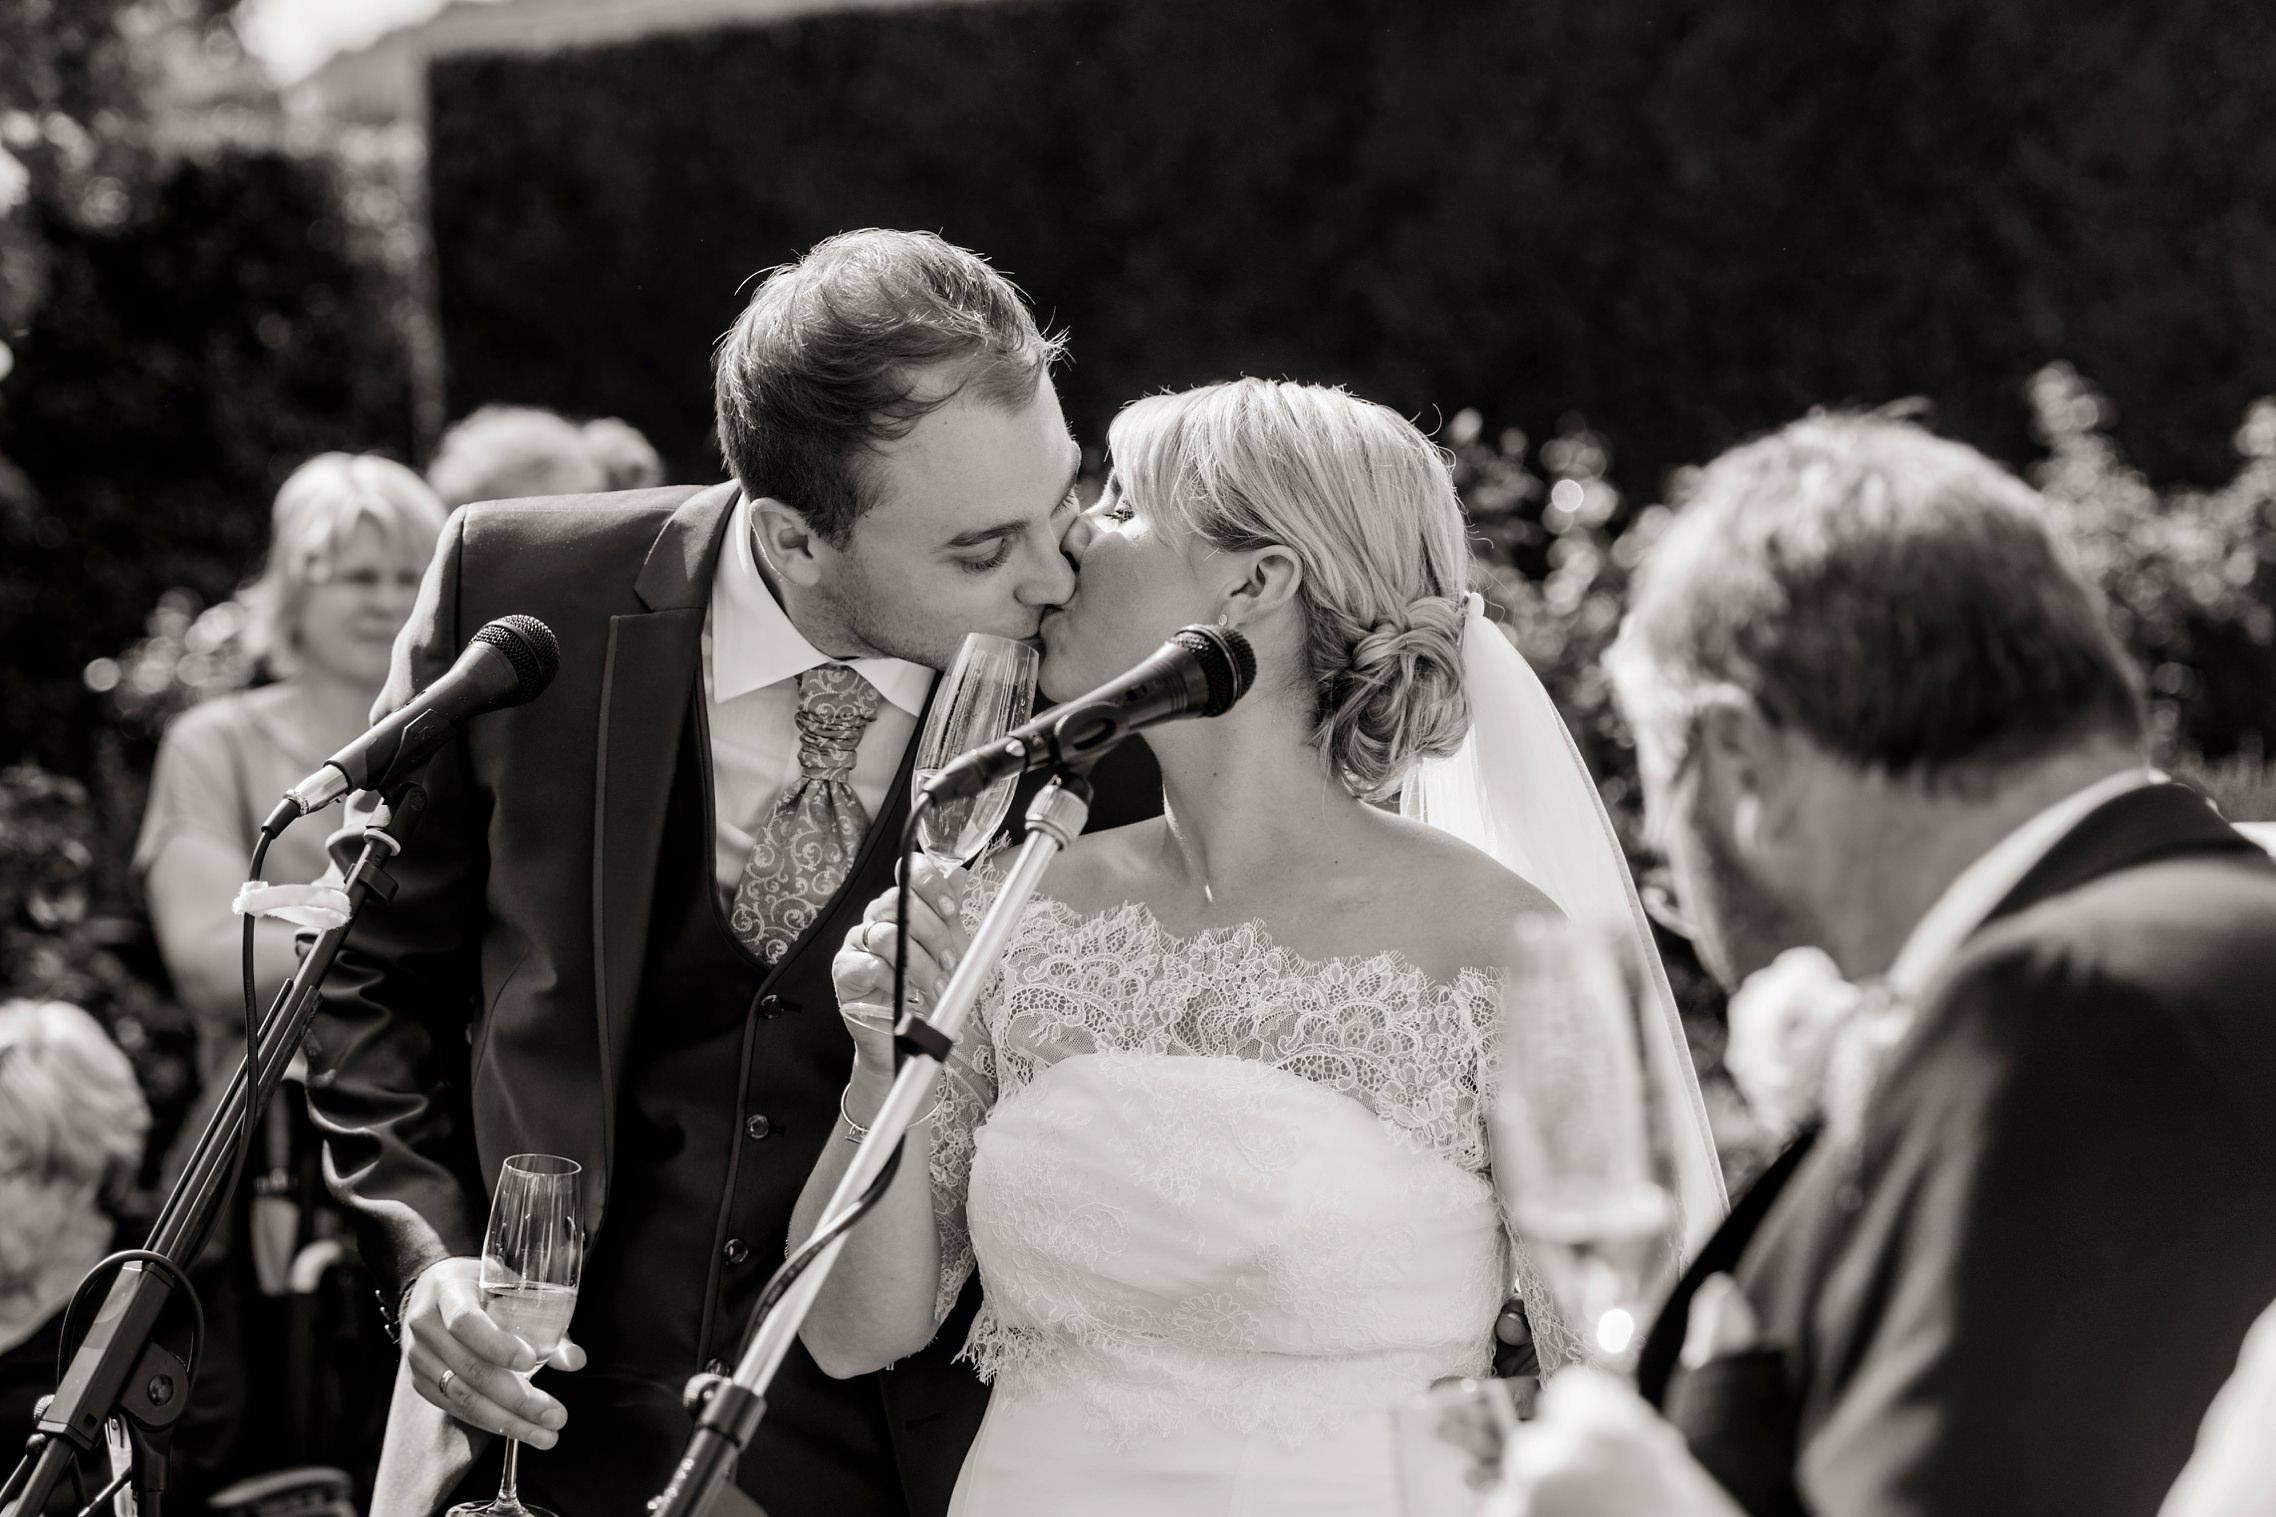 Romantisches Kuss-Bild des Hochzeitspaares in schwarz-weiß während des Sektempfangs.